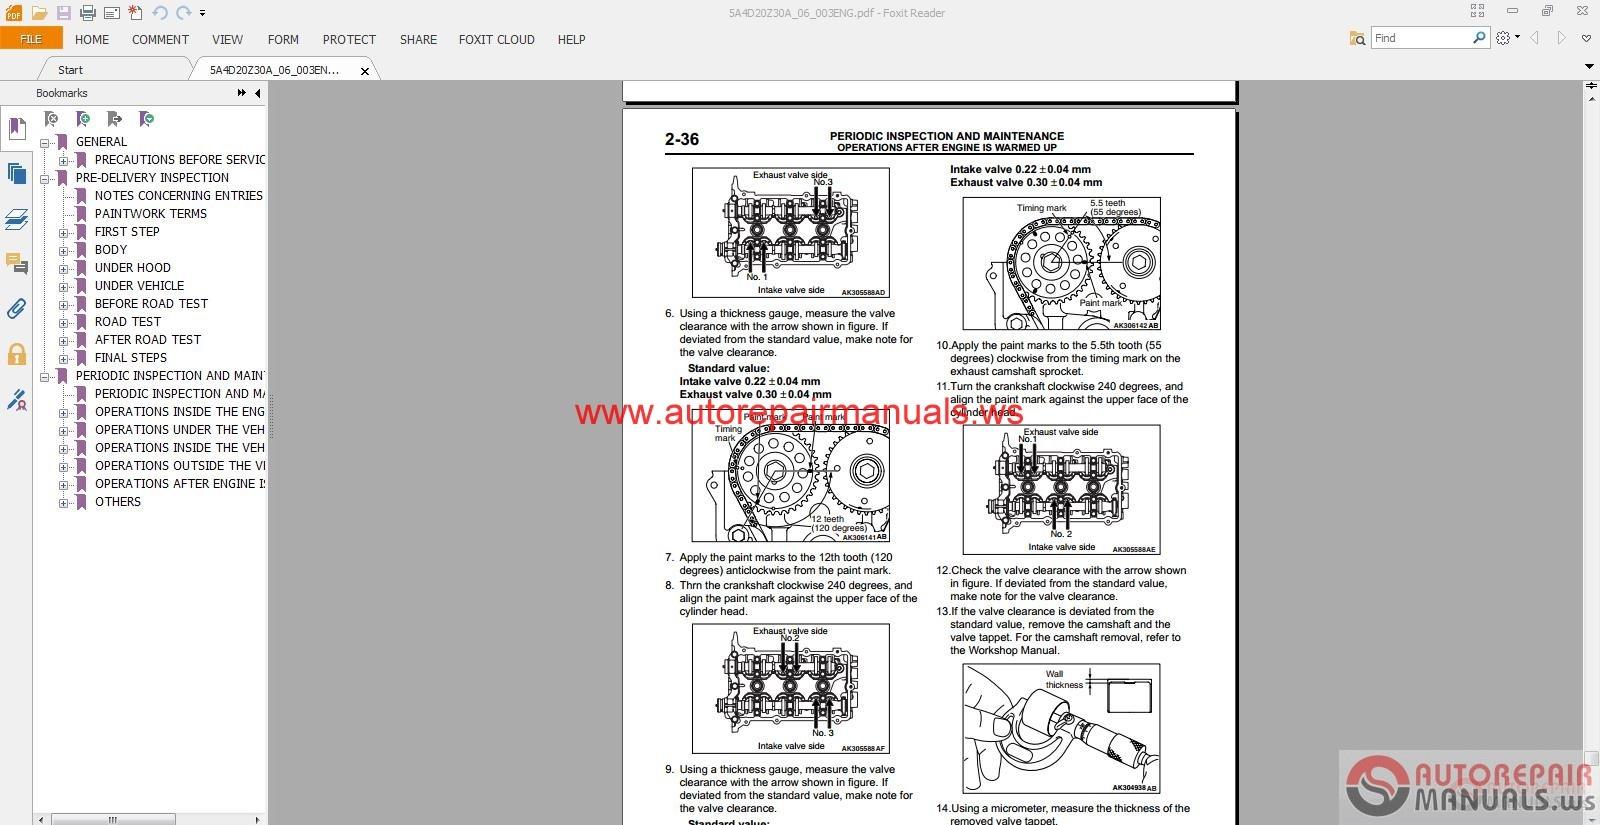 Ebook-3813] 2004 mitsubishi endeavor service repair manual | 2019.